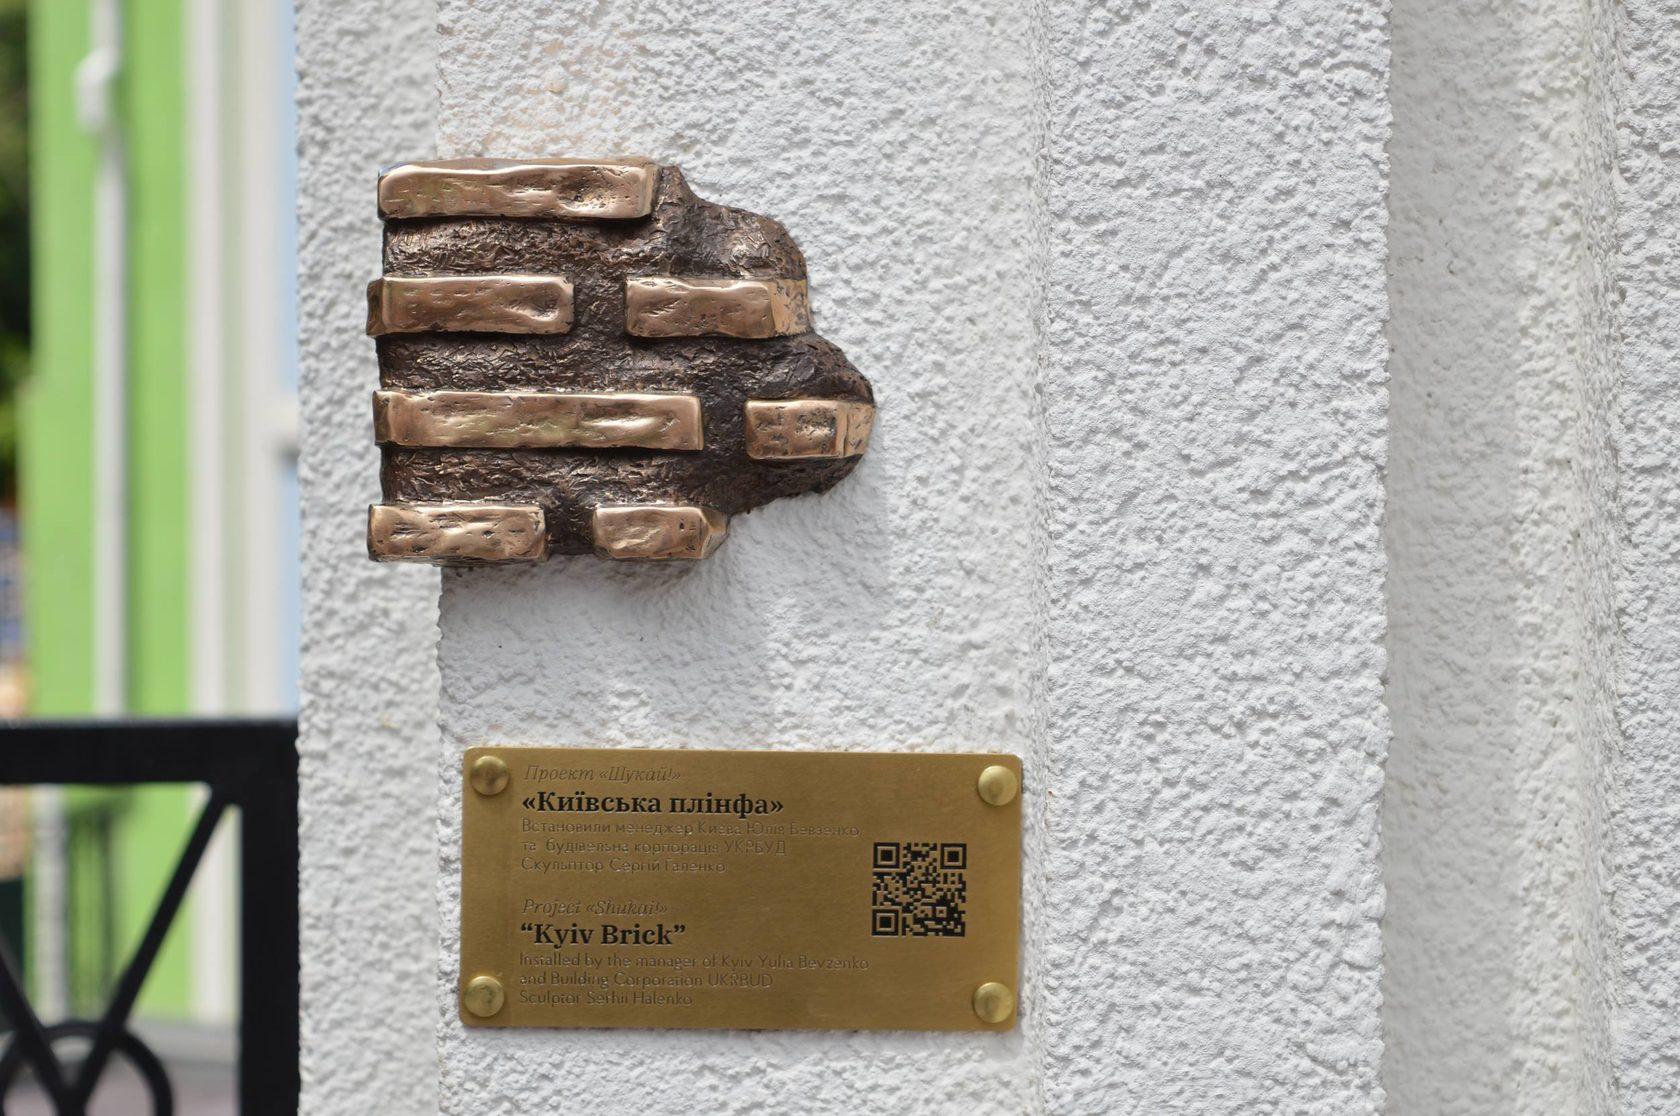 Мини-скульптура «Киевская плинфа»